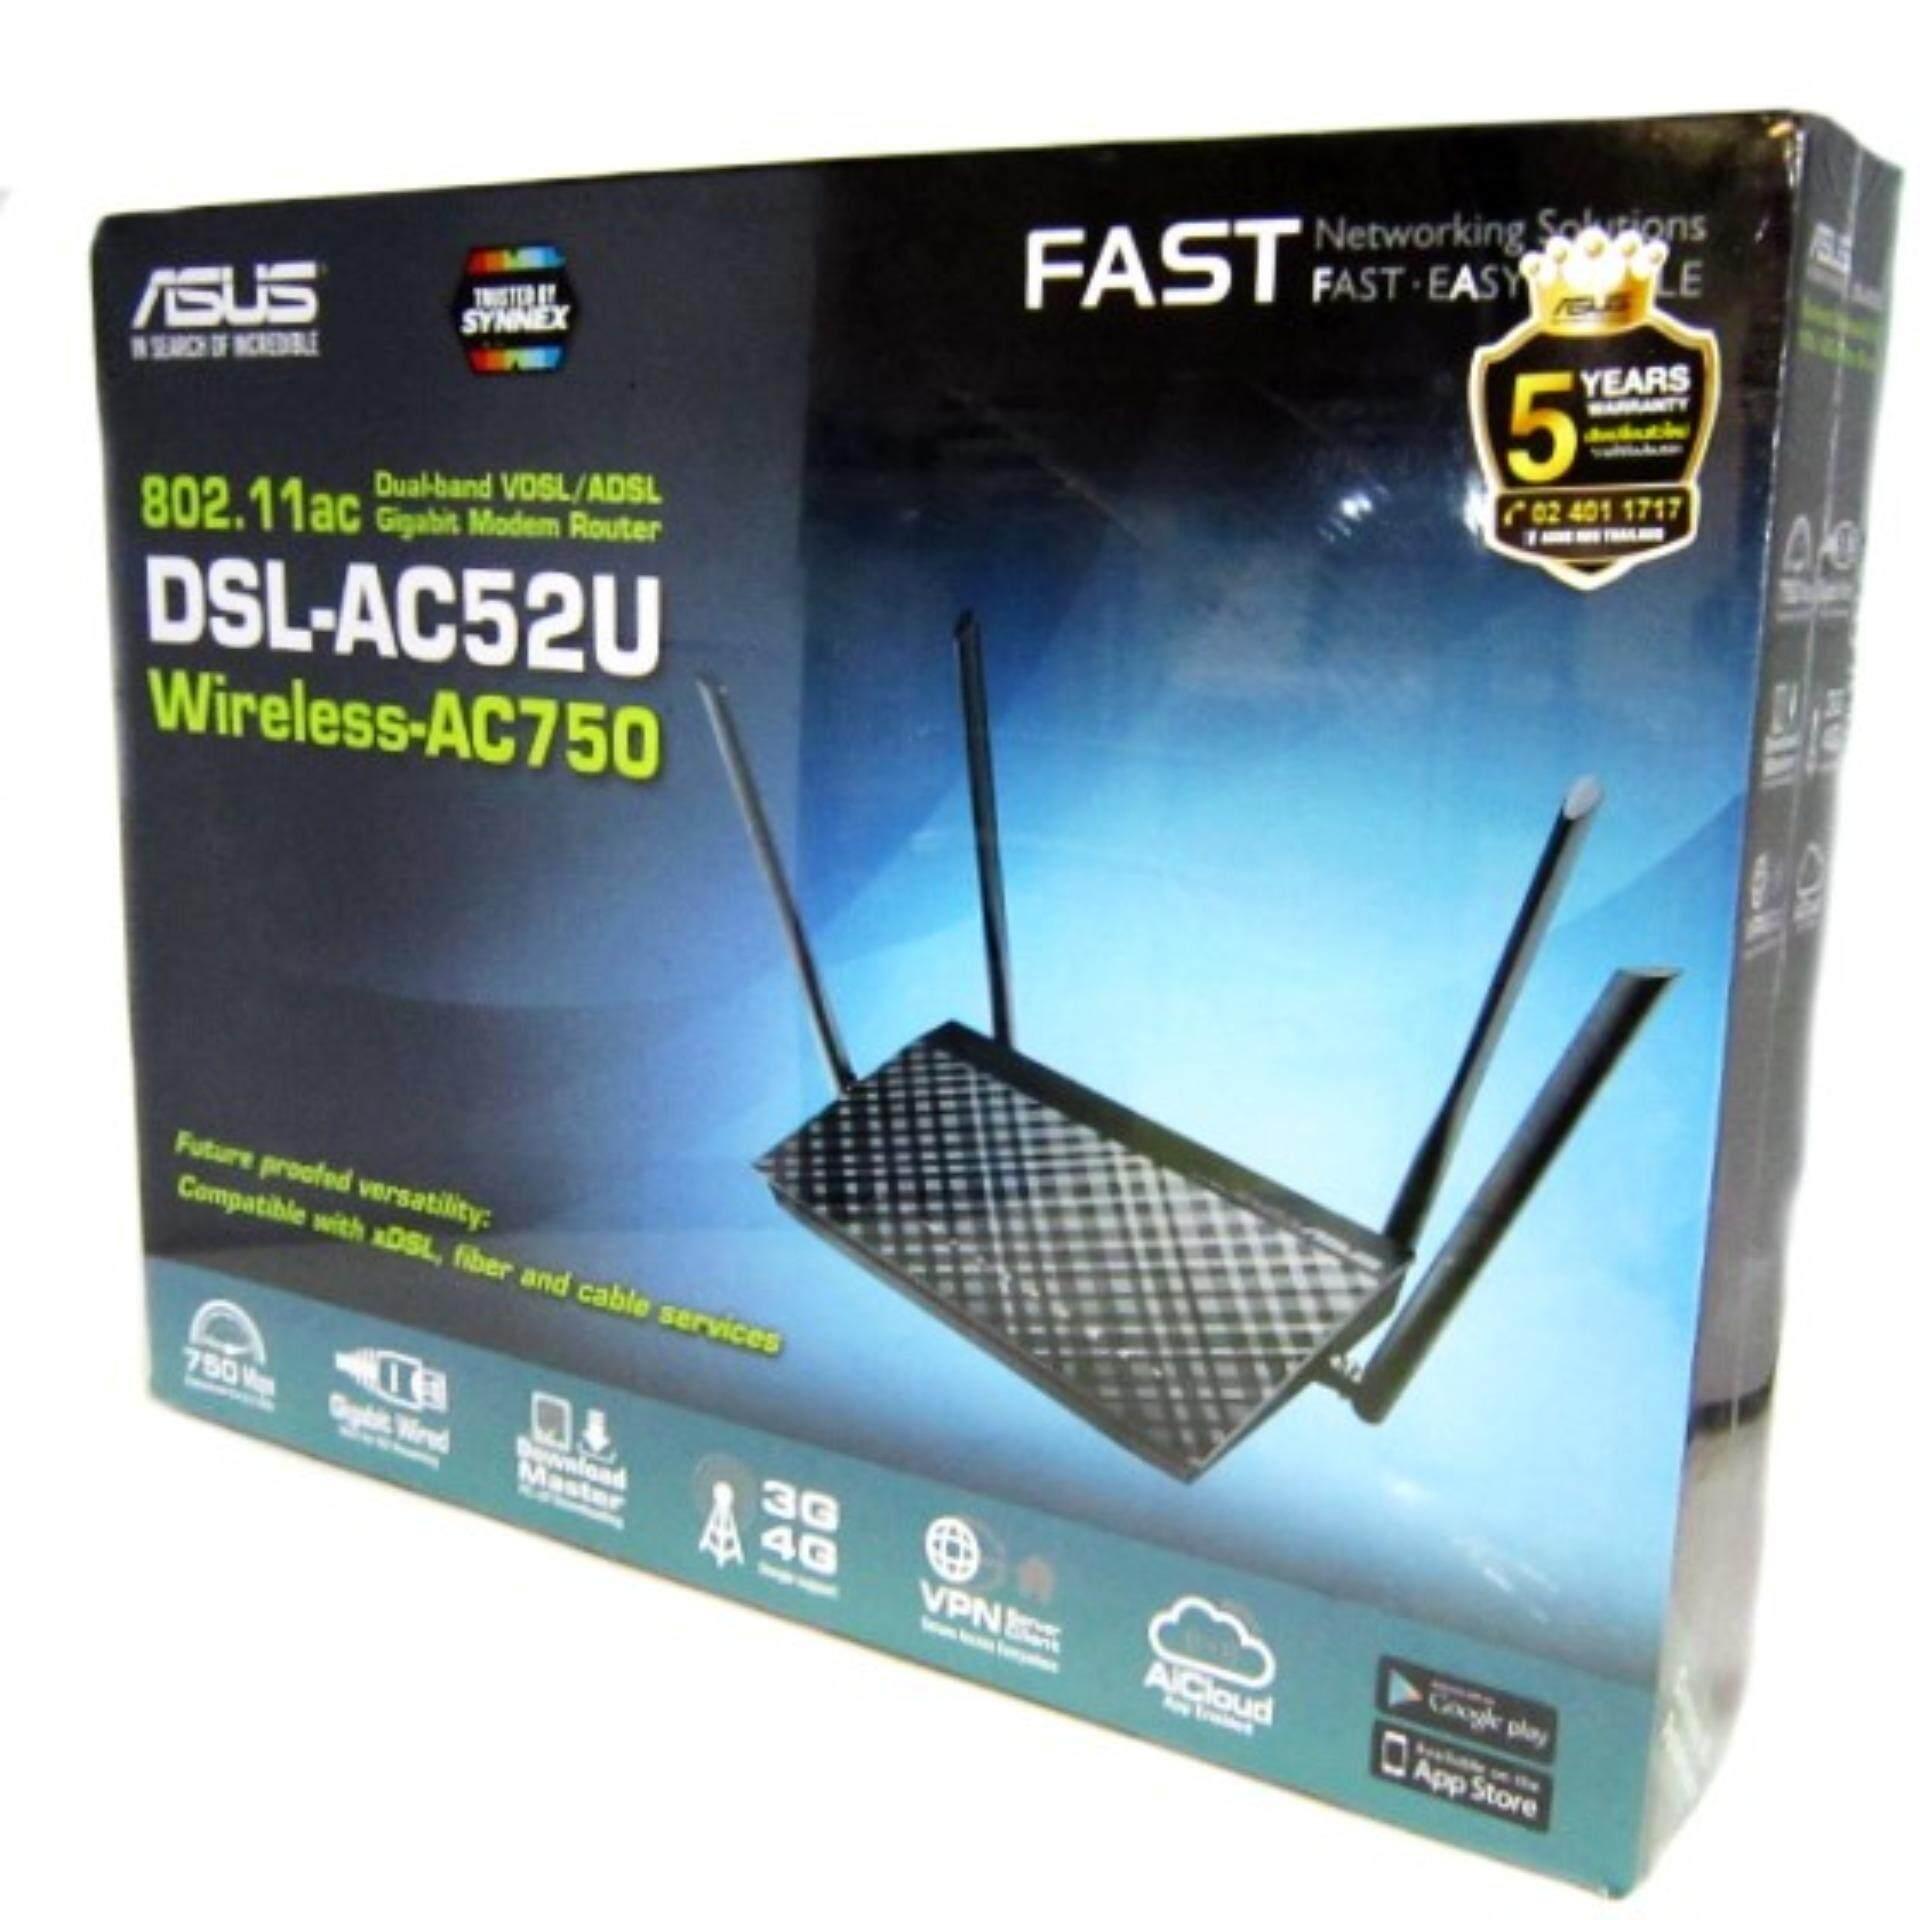 เก็บเงินปลายทางได้ ASUS DSL-AC52U ส่งโดยKERRY ประกัน5ปีโดยSynnex Dual Band AC750 Wi-Fi ADSL/VDSL Modem Router